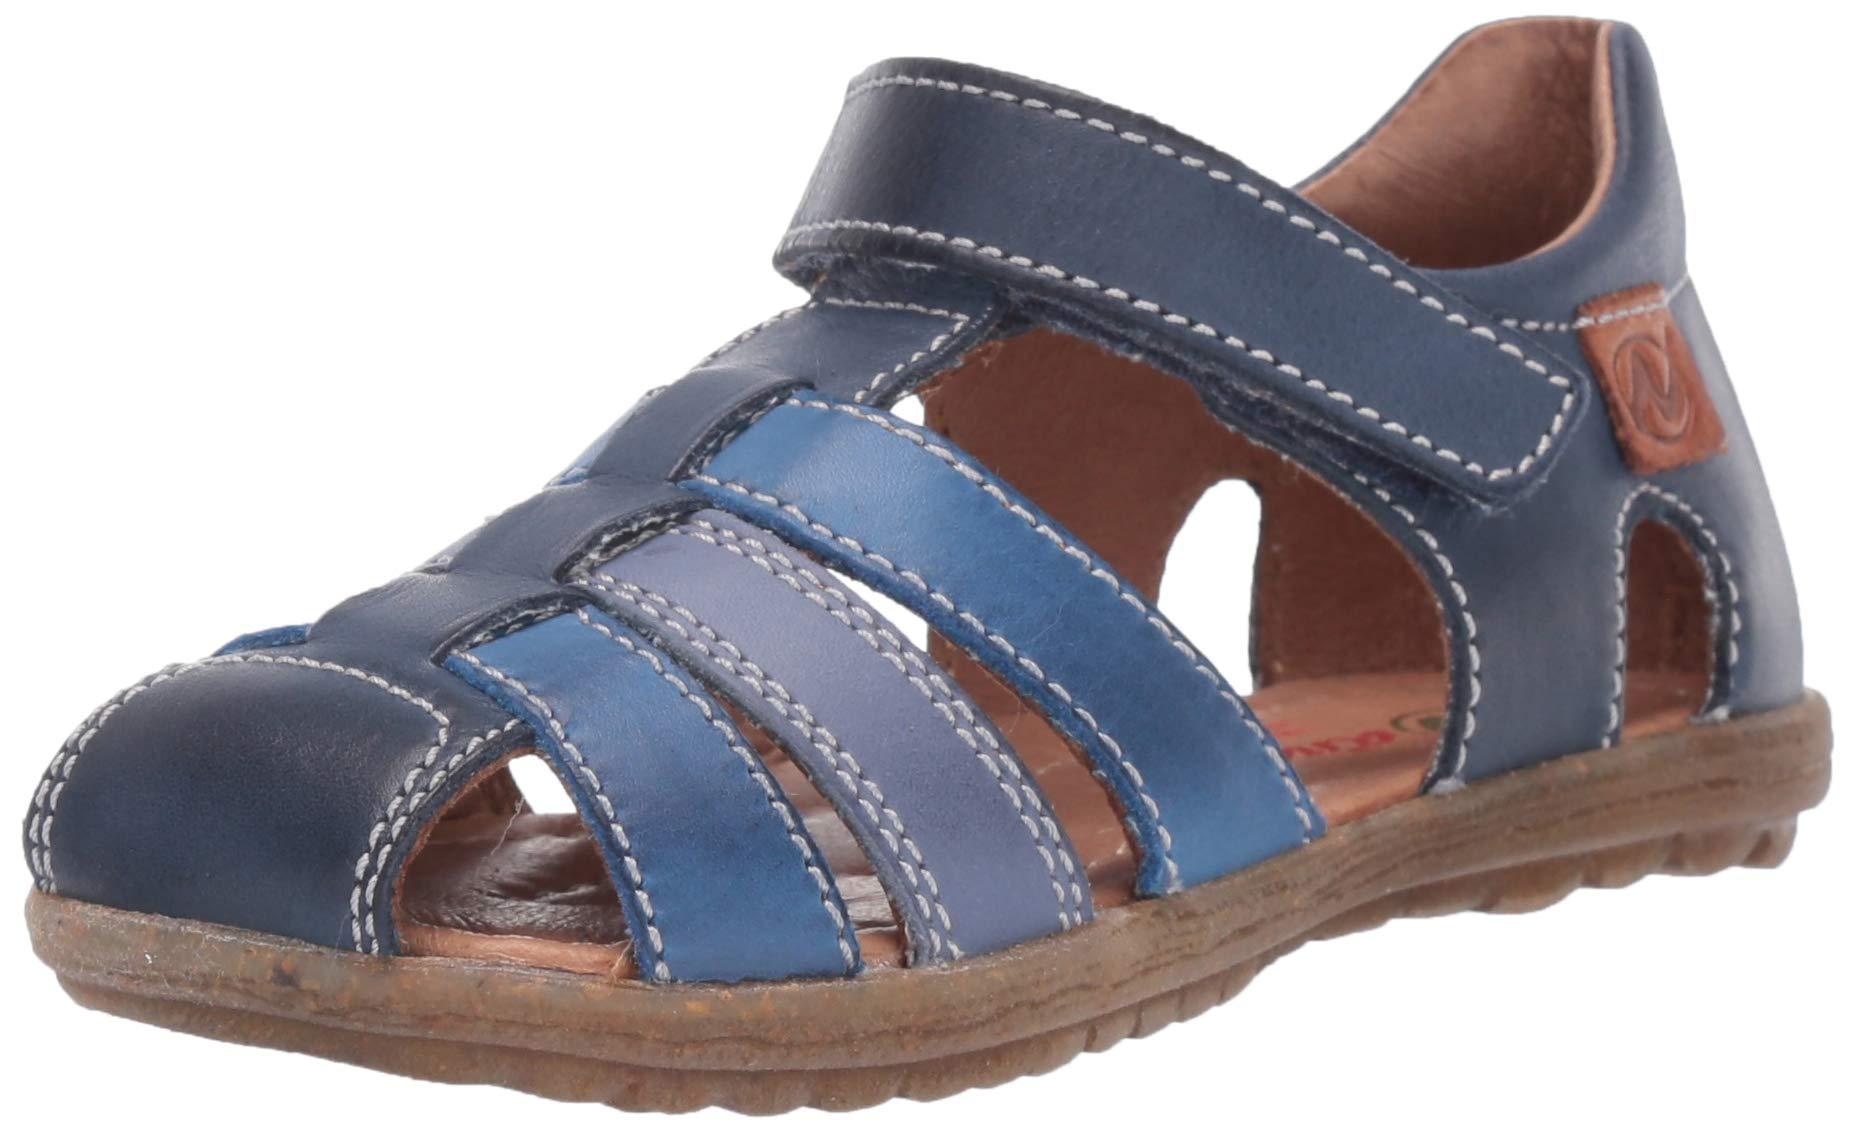 Naturino Boys See Gladiator Sandals, Multicolour (Navy/Azzurro/Celeste 1c53), 7 UK 7UK Child